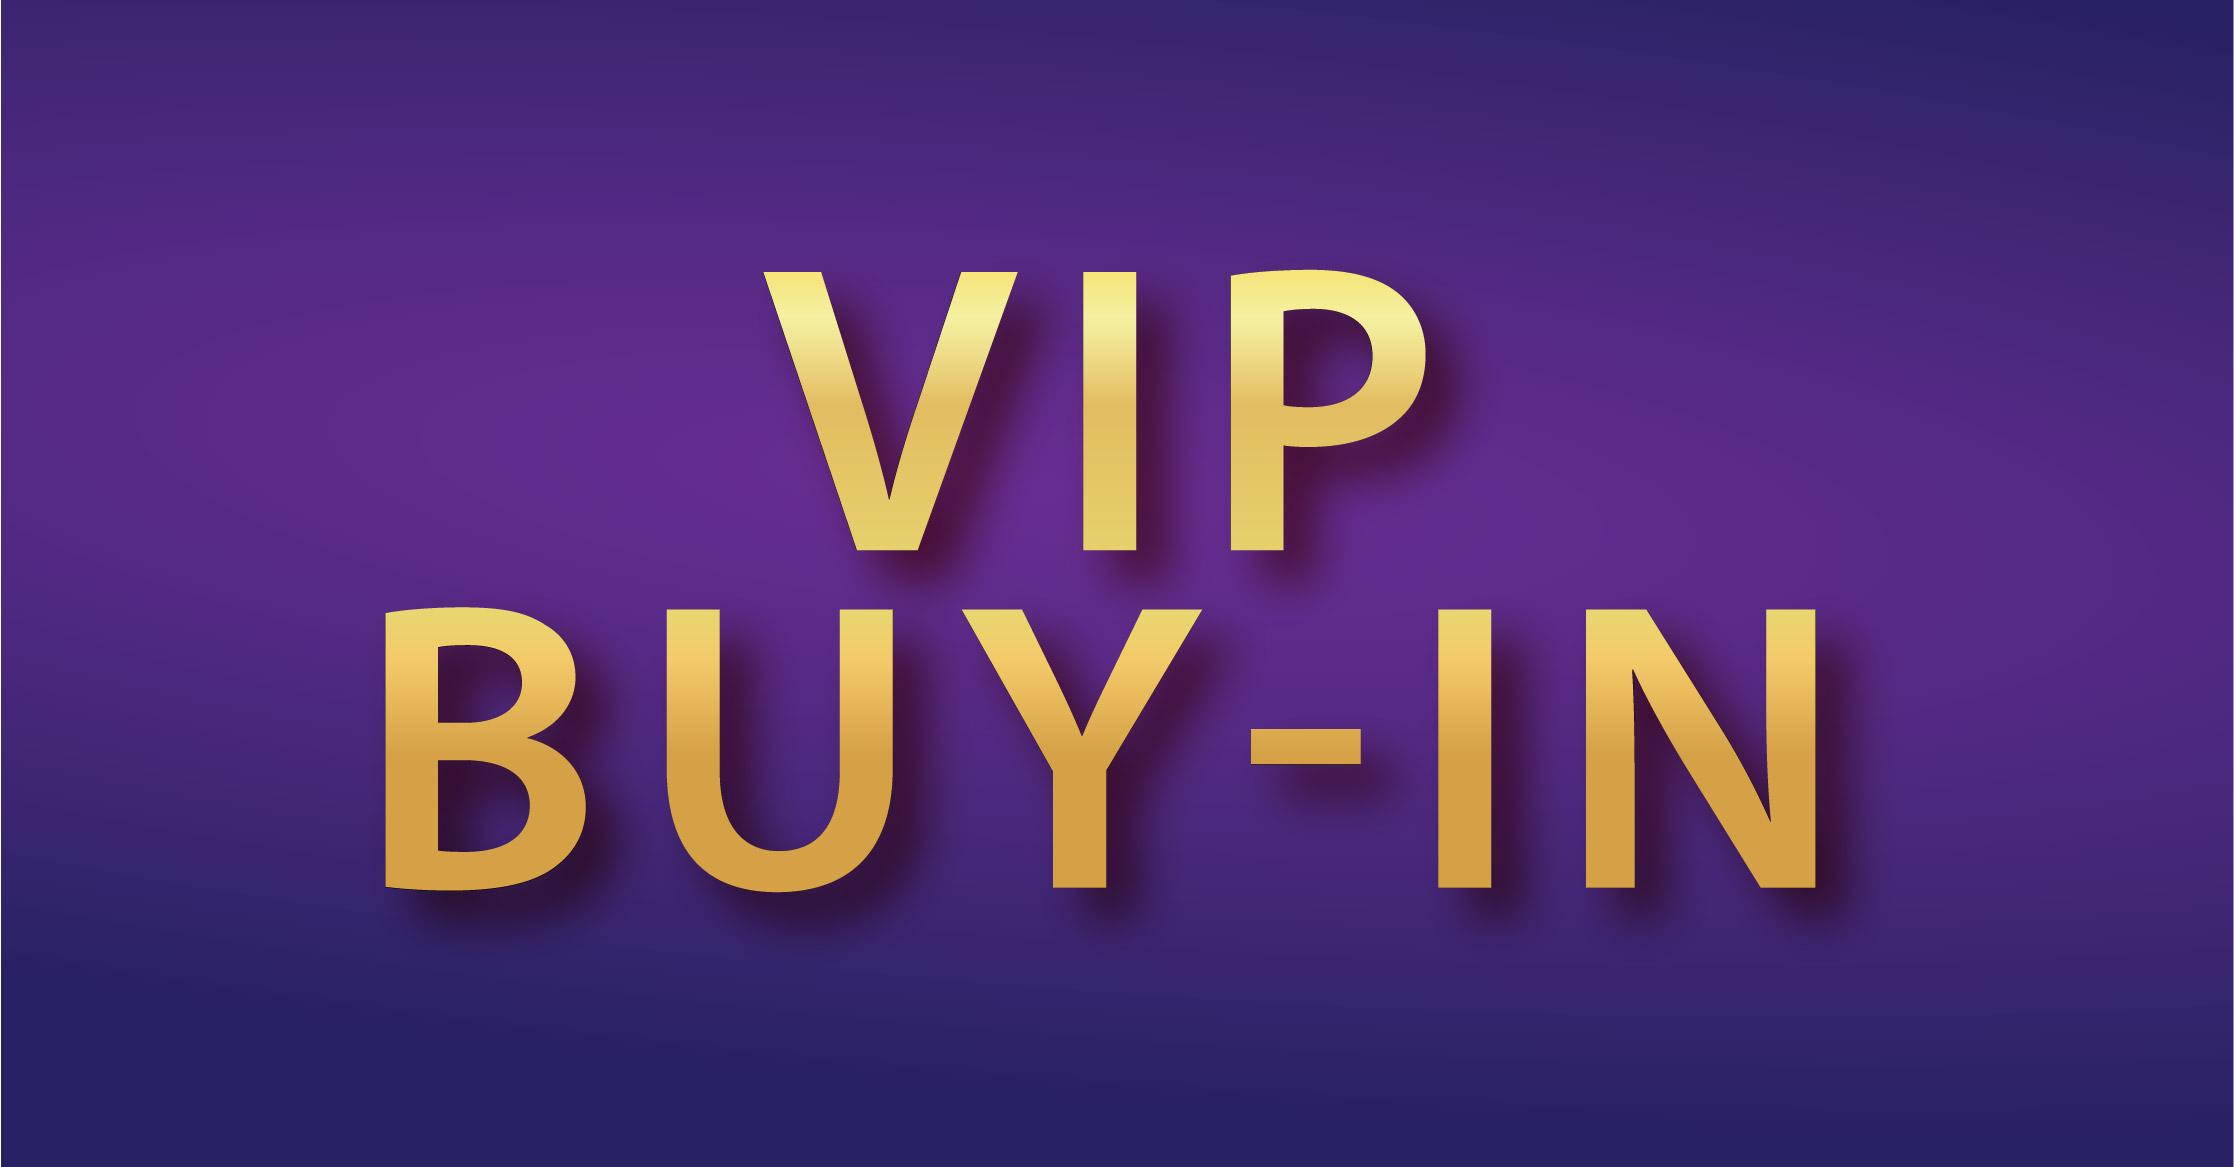 VIP Buy-In